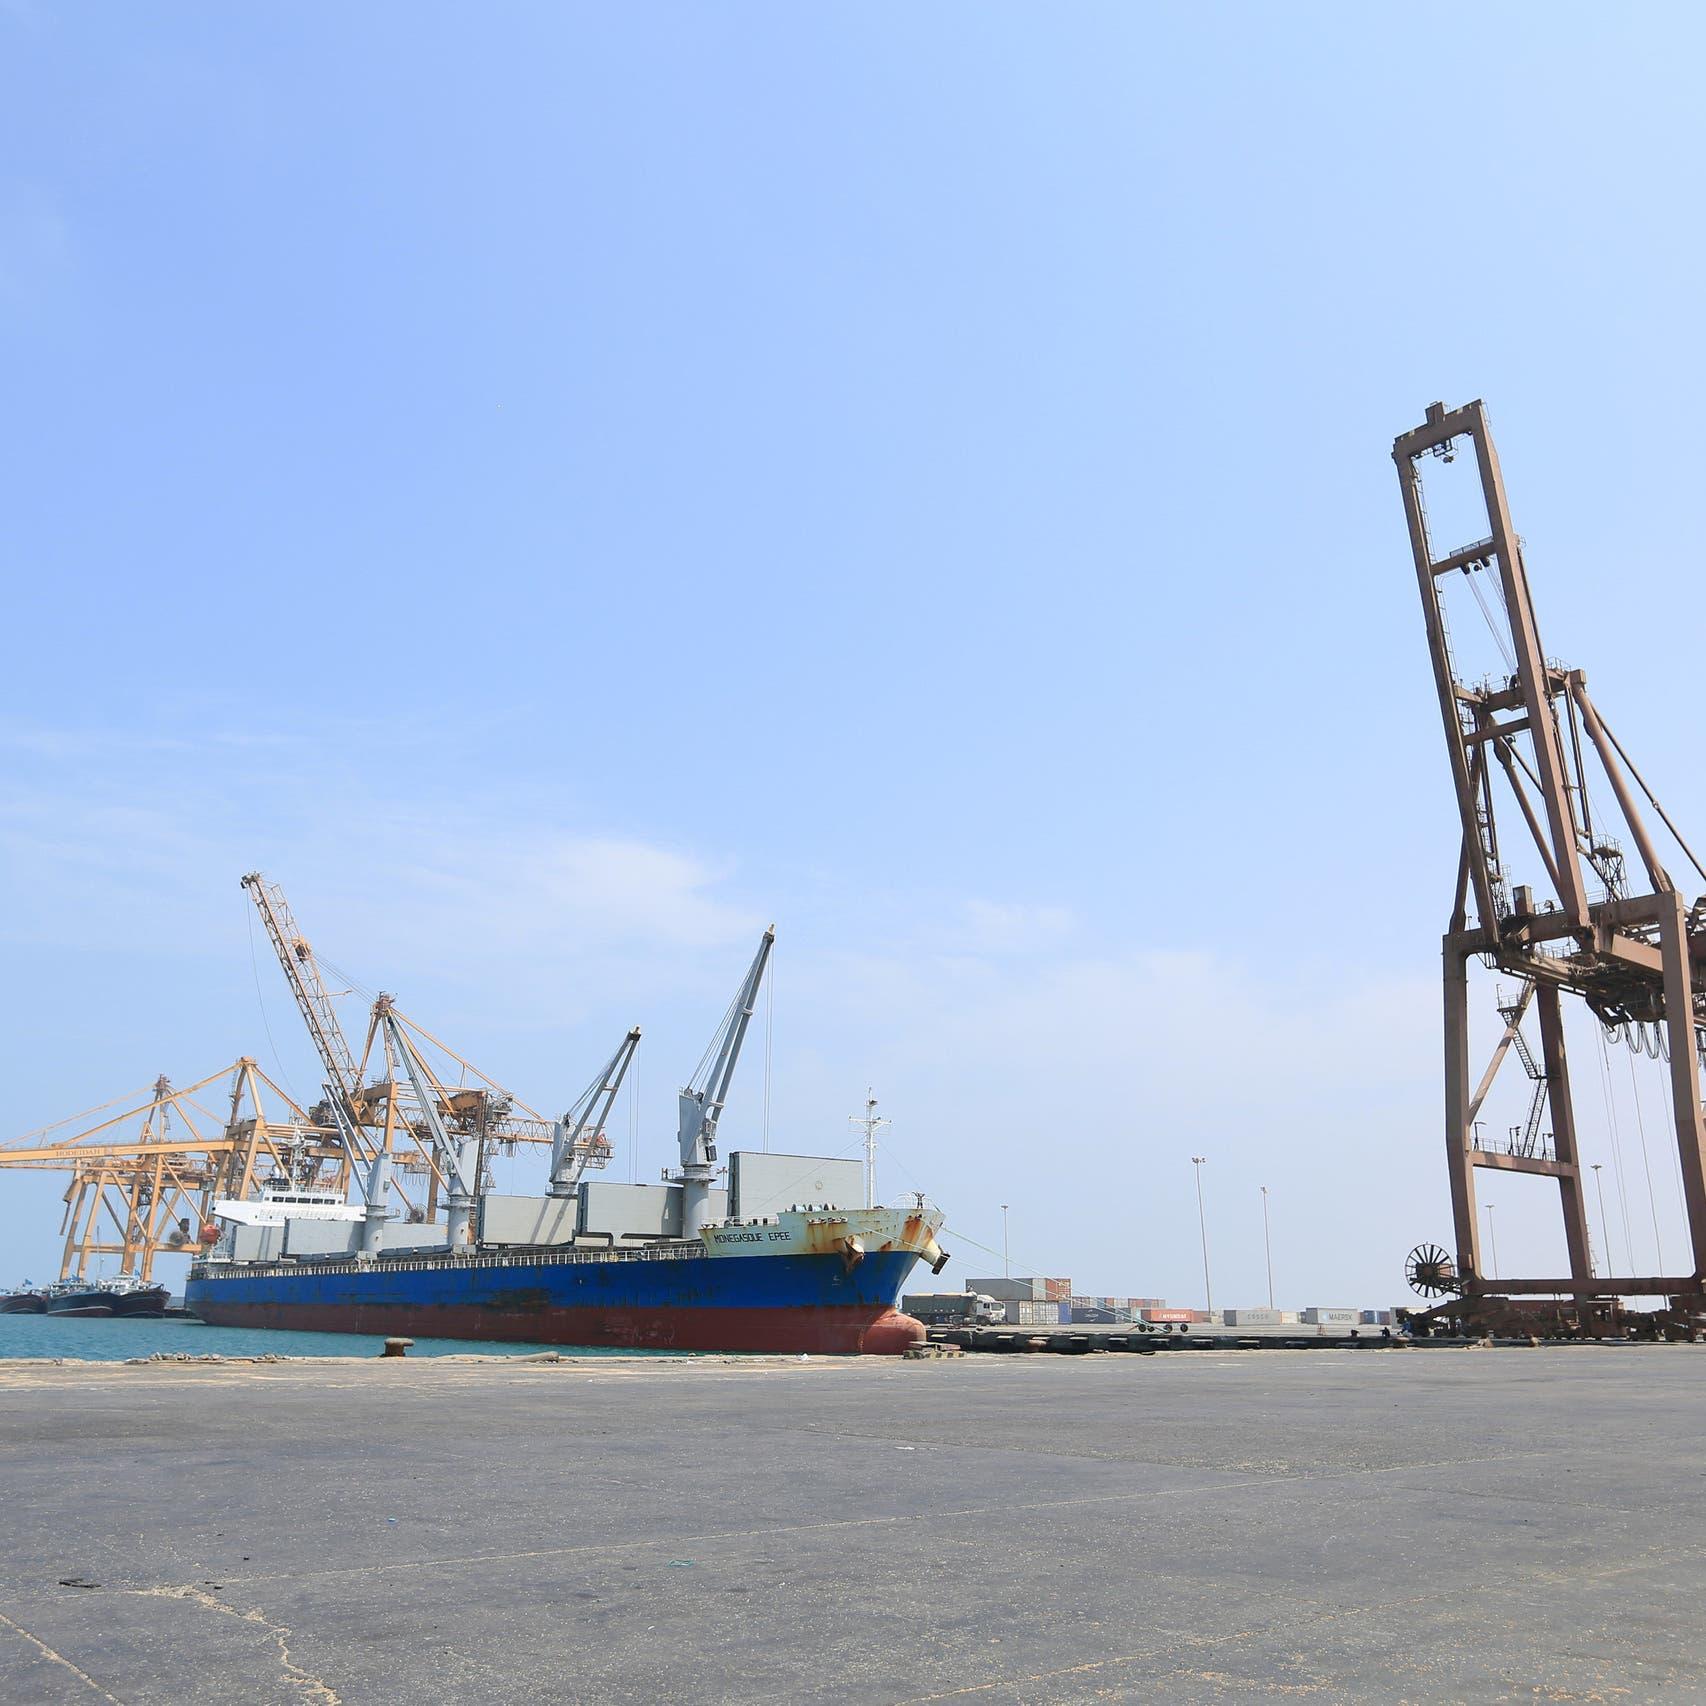 اليمن.. تفاصيل اتفاق المرحلة الأولى بشأن الحديدة